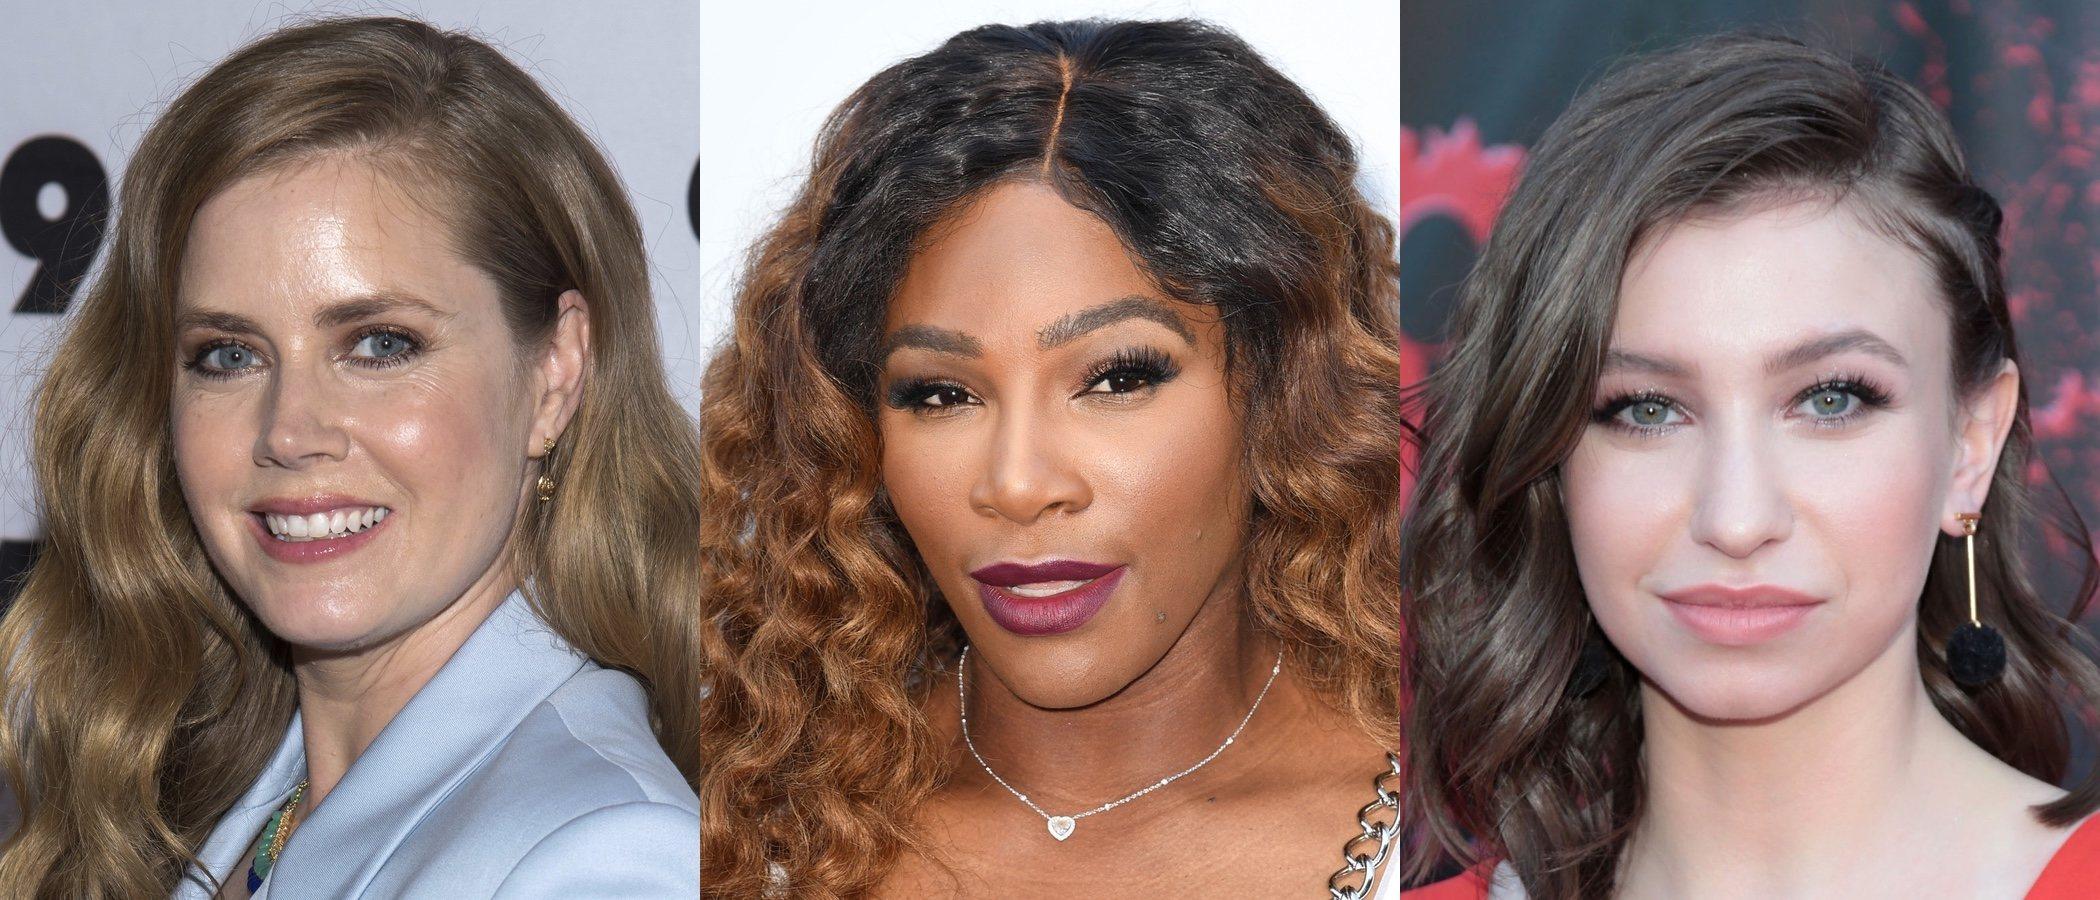 Norma Ruiz, Belén Cuesta y Katelyn Nacon entre los mejores beauty looks de la semana